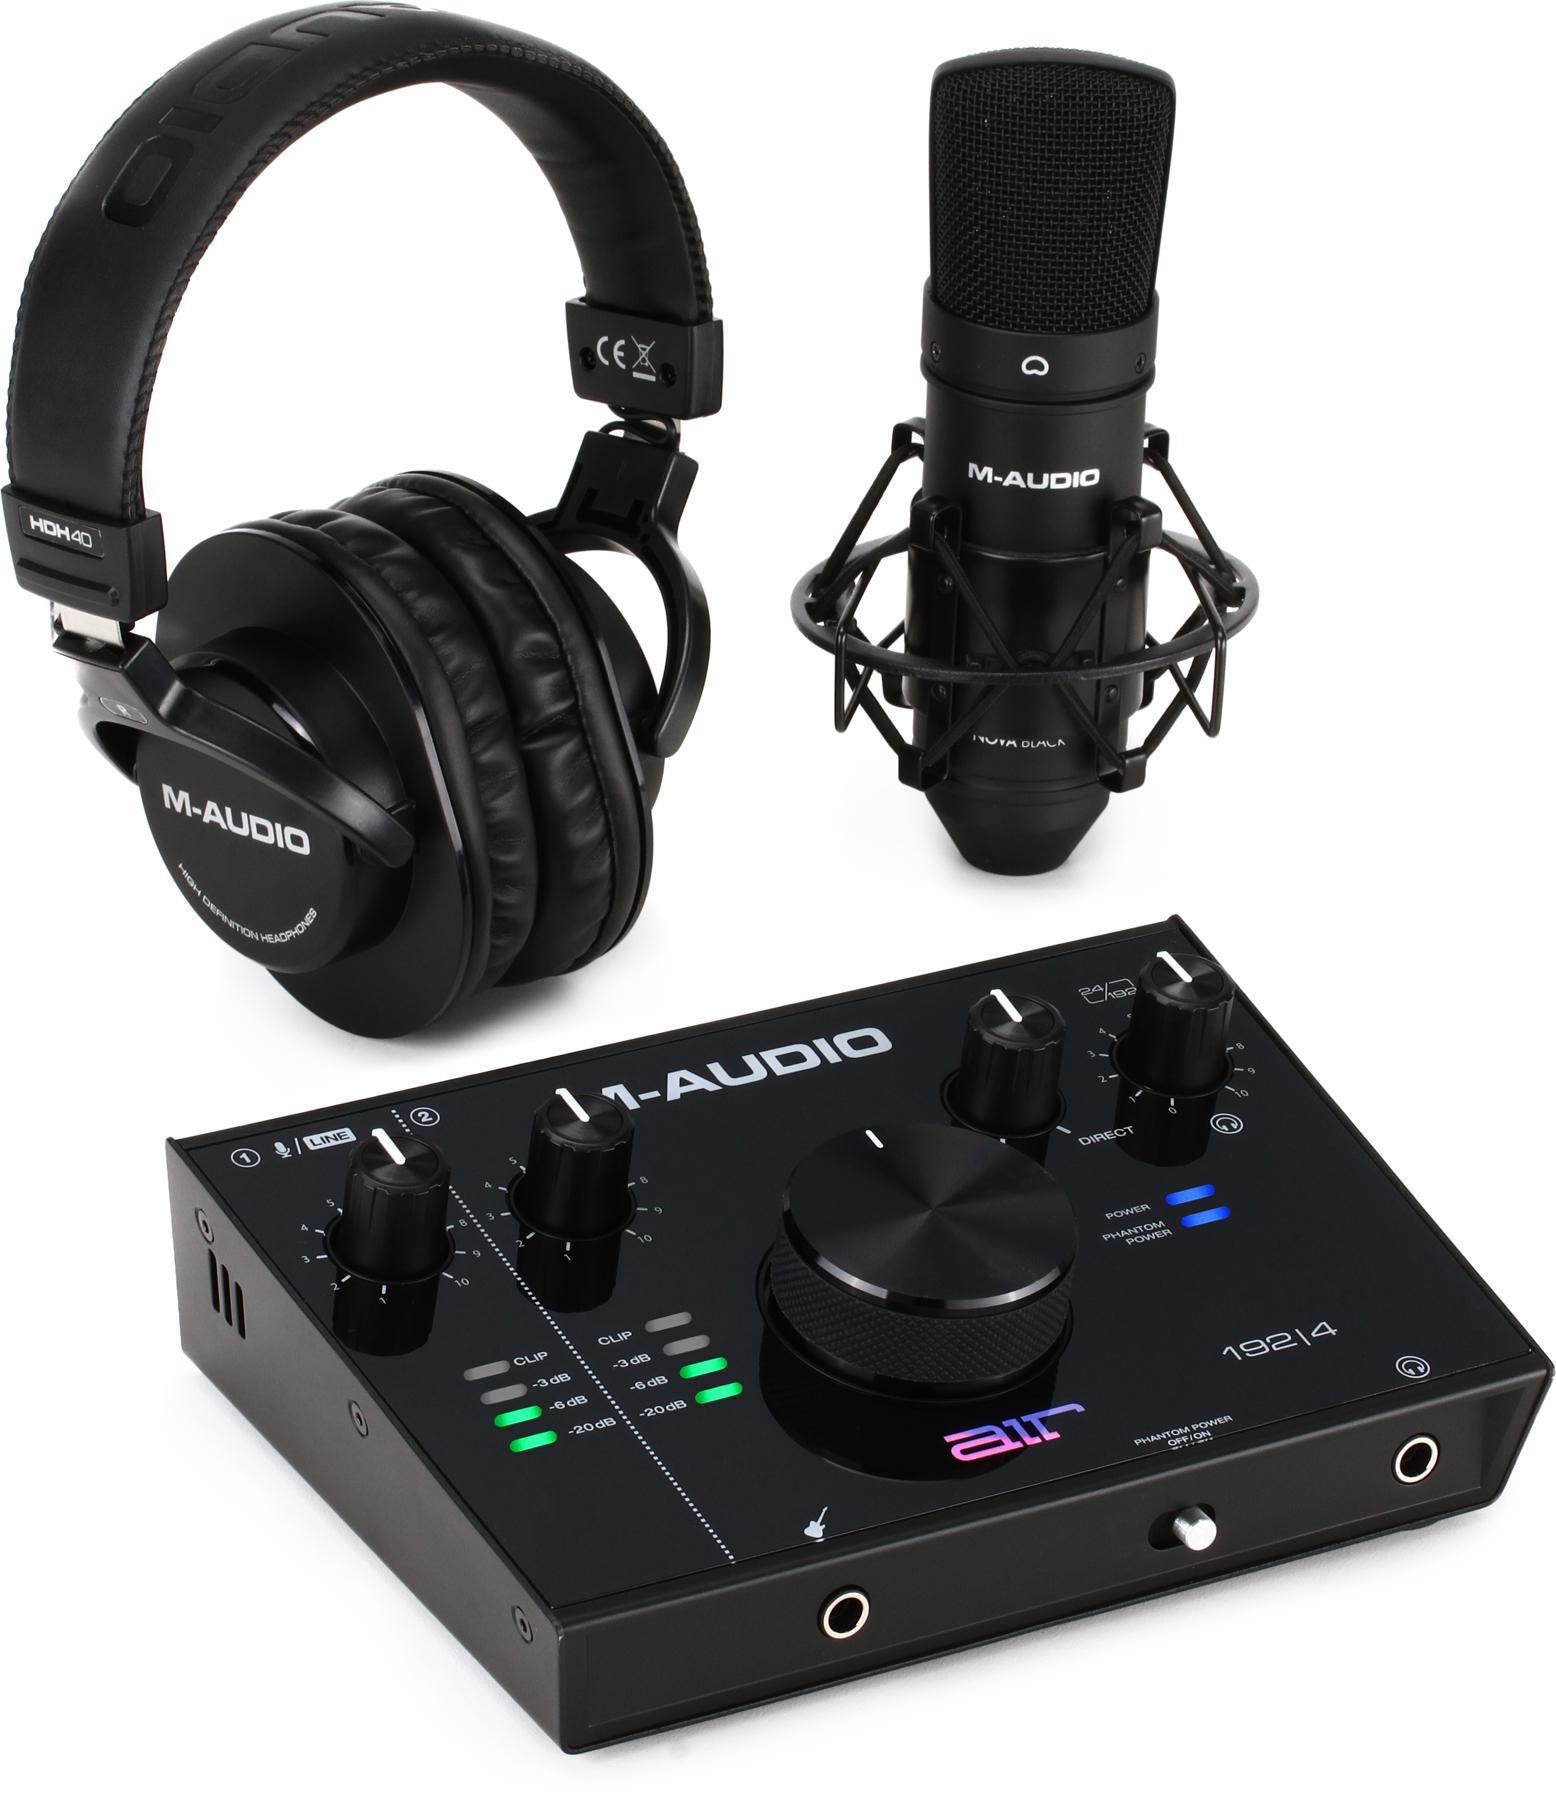 5. M-Audio AIR 192x4 Vocal Studio Pro